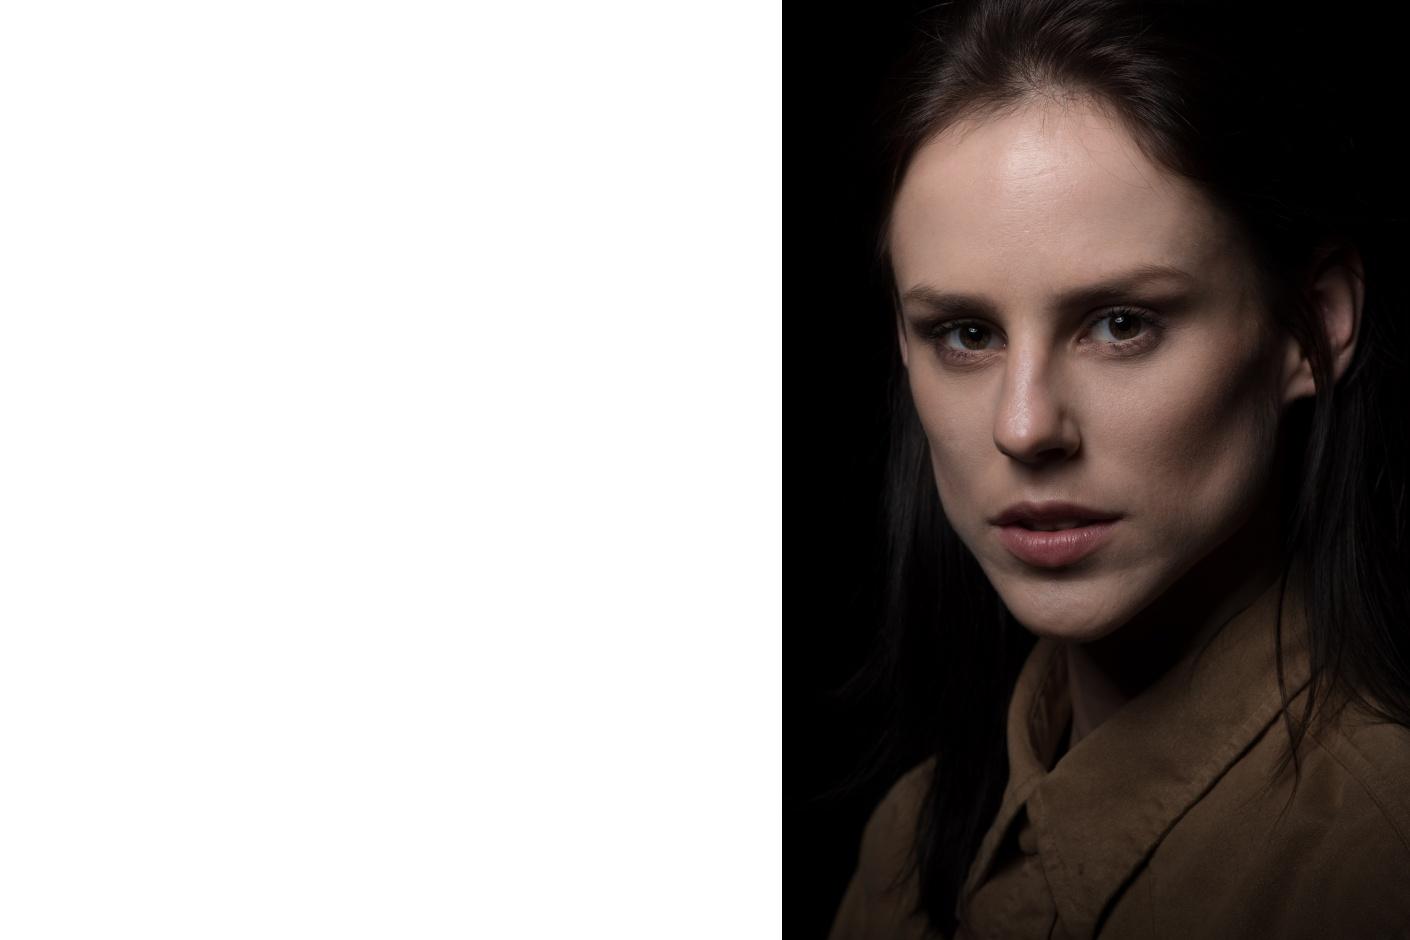 Jelle Pieter de Boer Portrait Photography Fashion Editorial